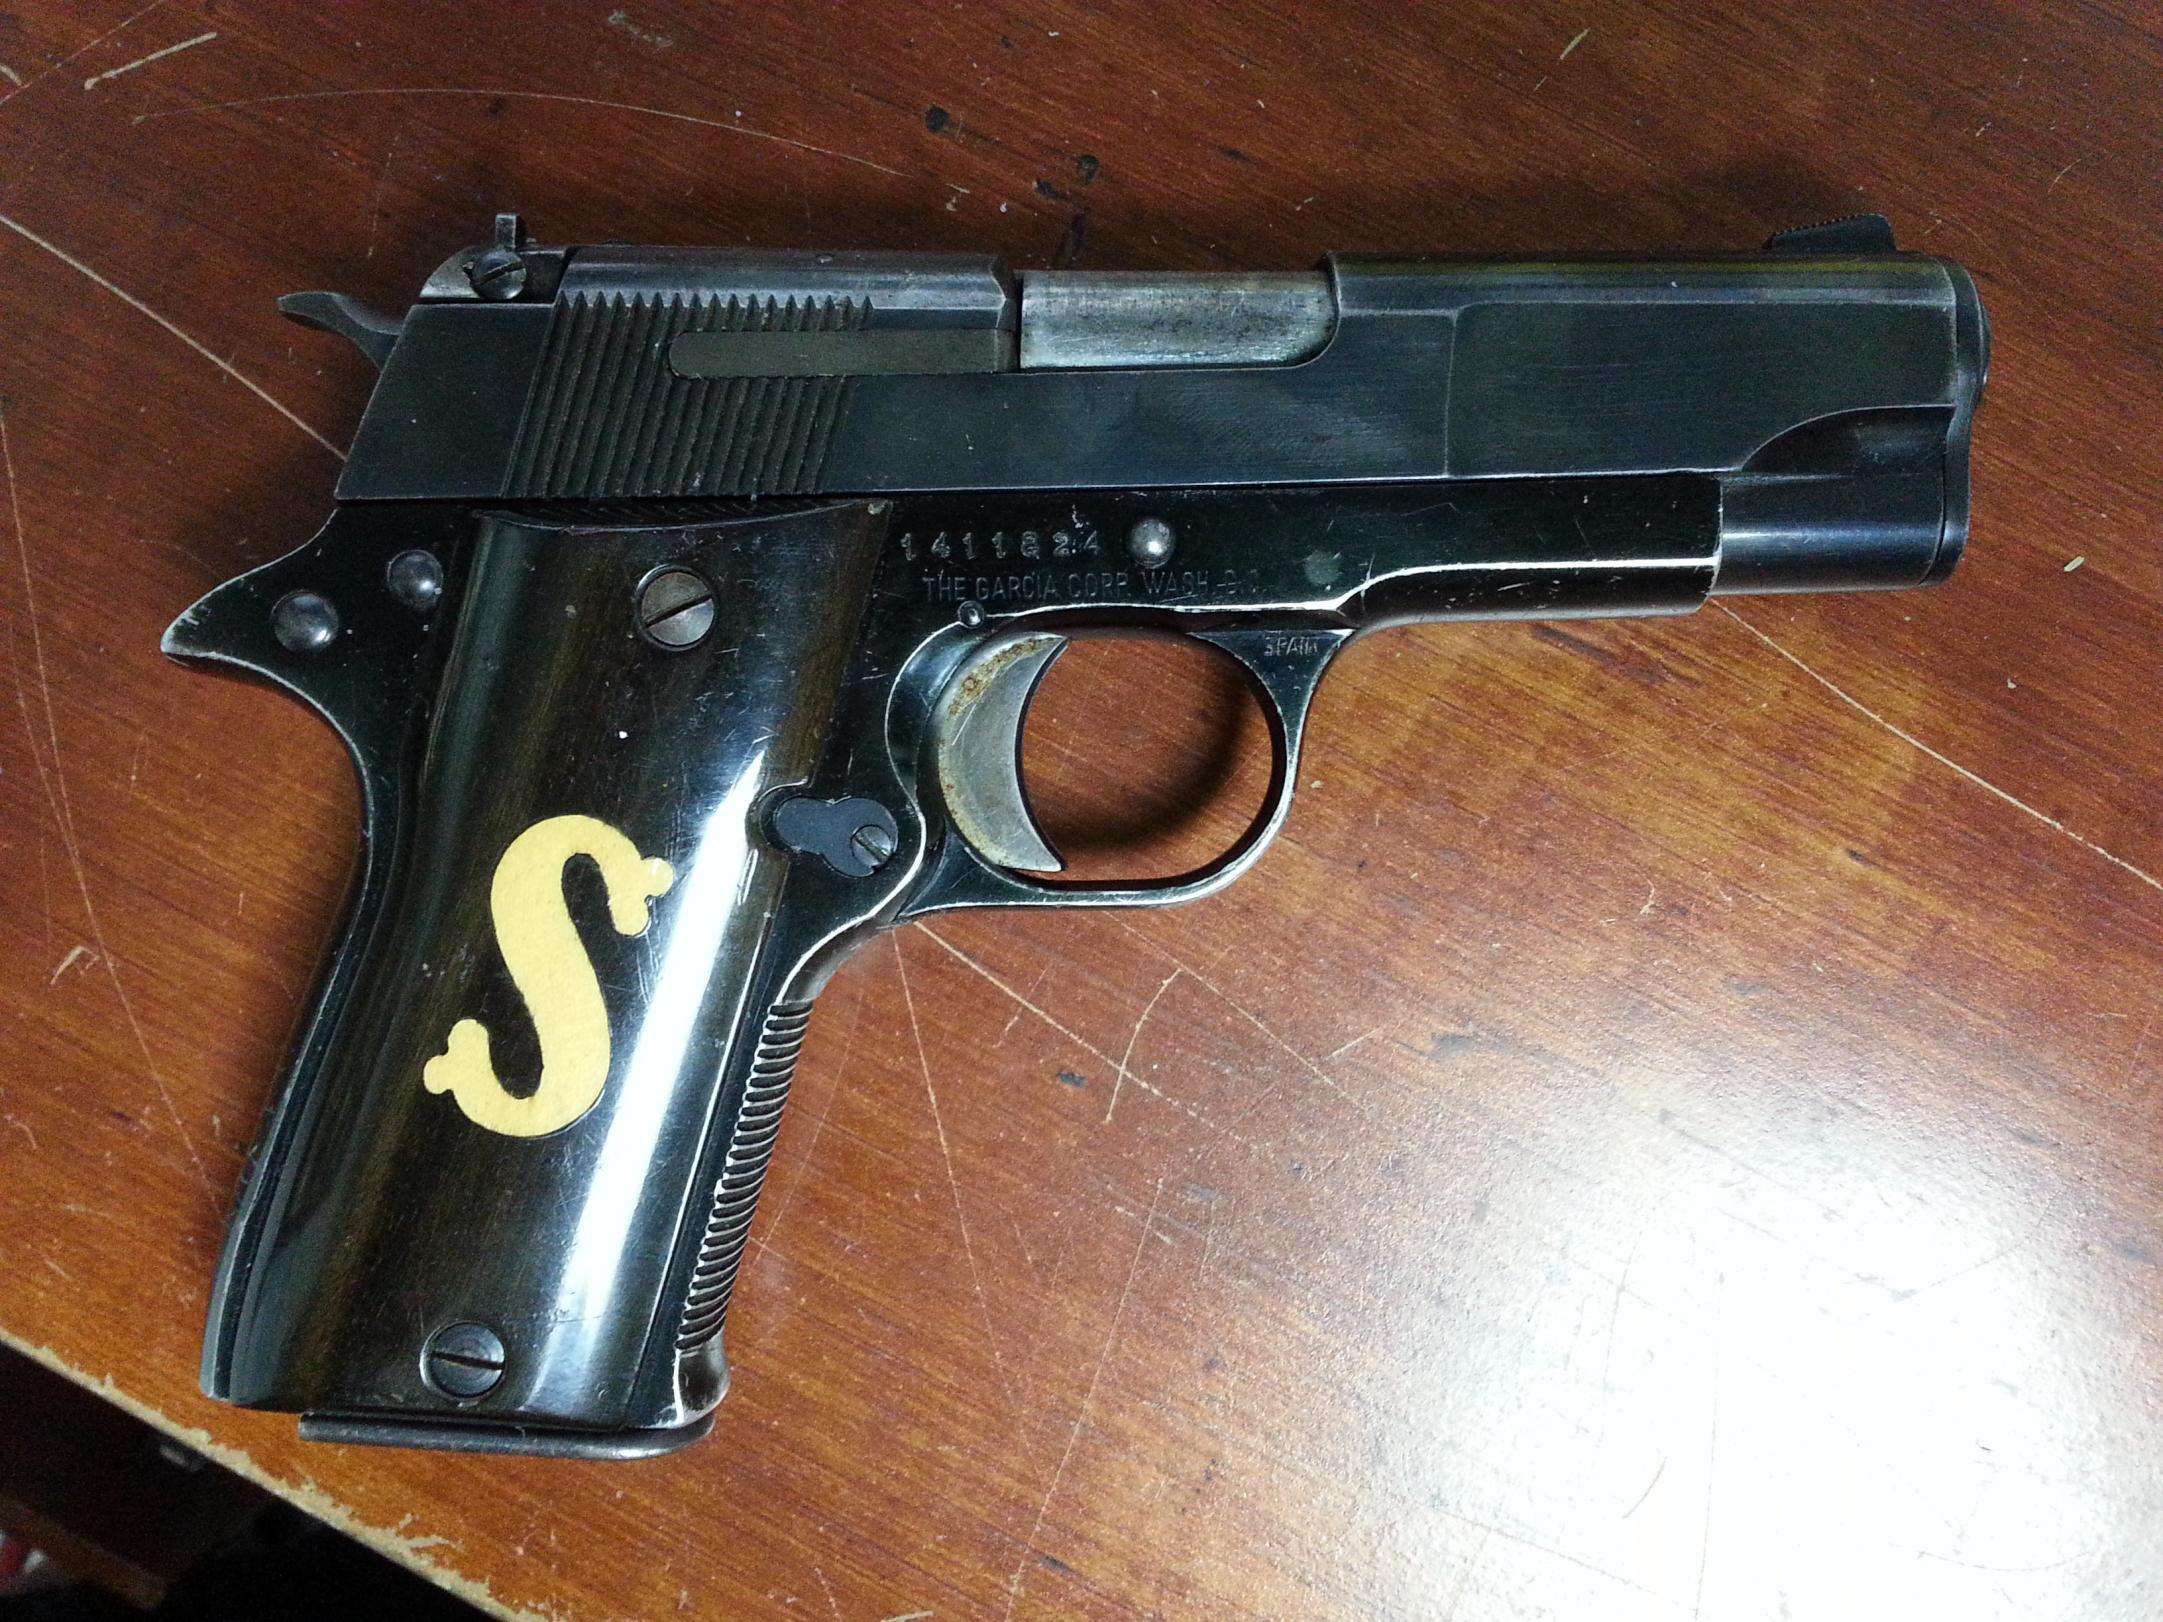 Star Firearms - Garcia Model-20130211_214836.jpg